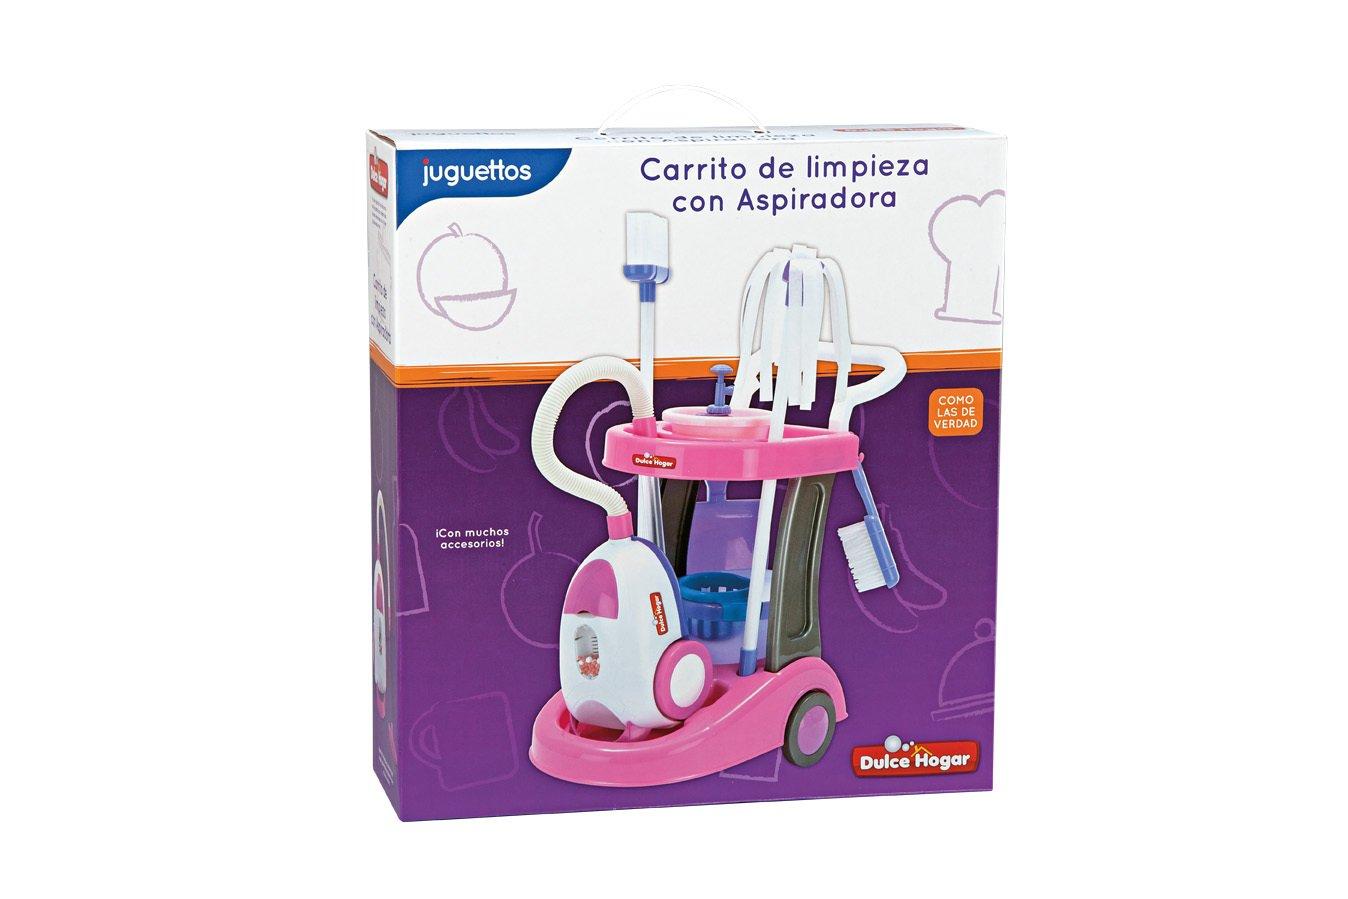 Dulce Hogar Carrito de Limpieza + Aspiradora: Amazon.es: Juguetes y juegos